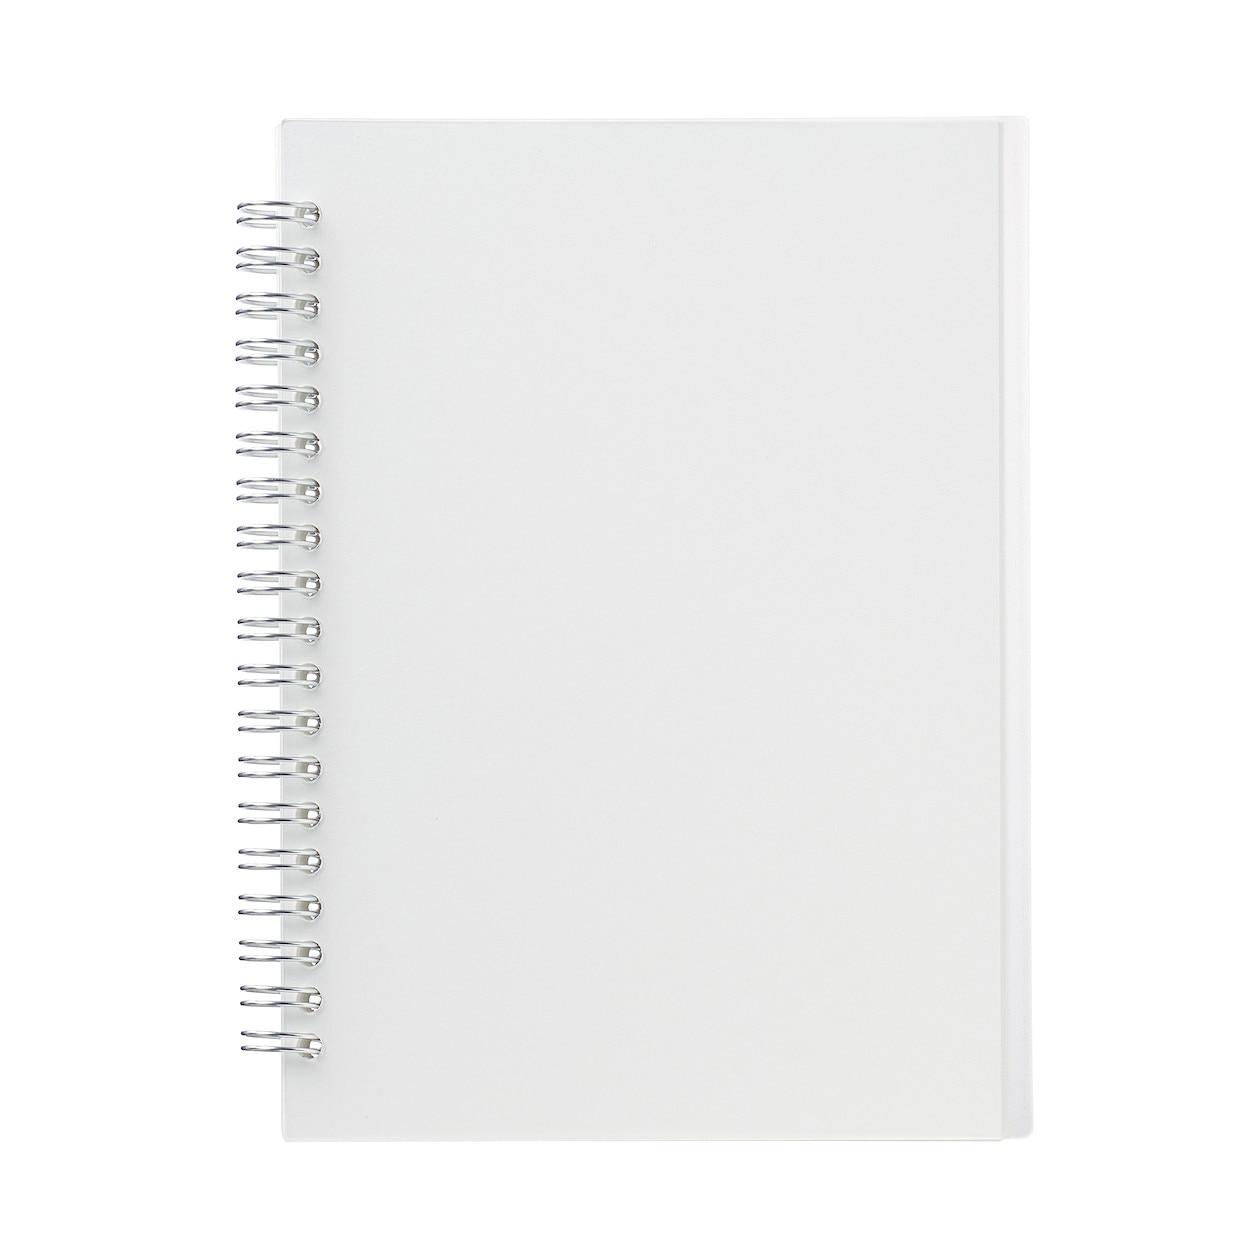 ロディア A6サイズ ウェブノートブック cf118567 グレー 5mmドット方眼